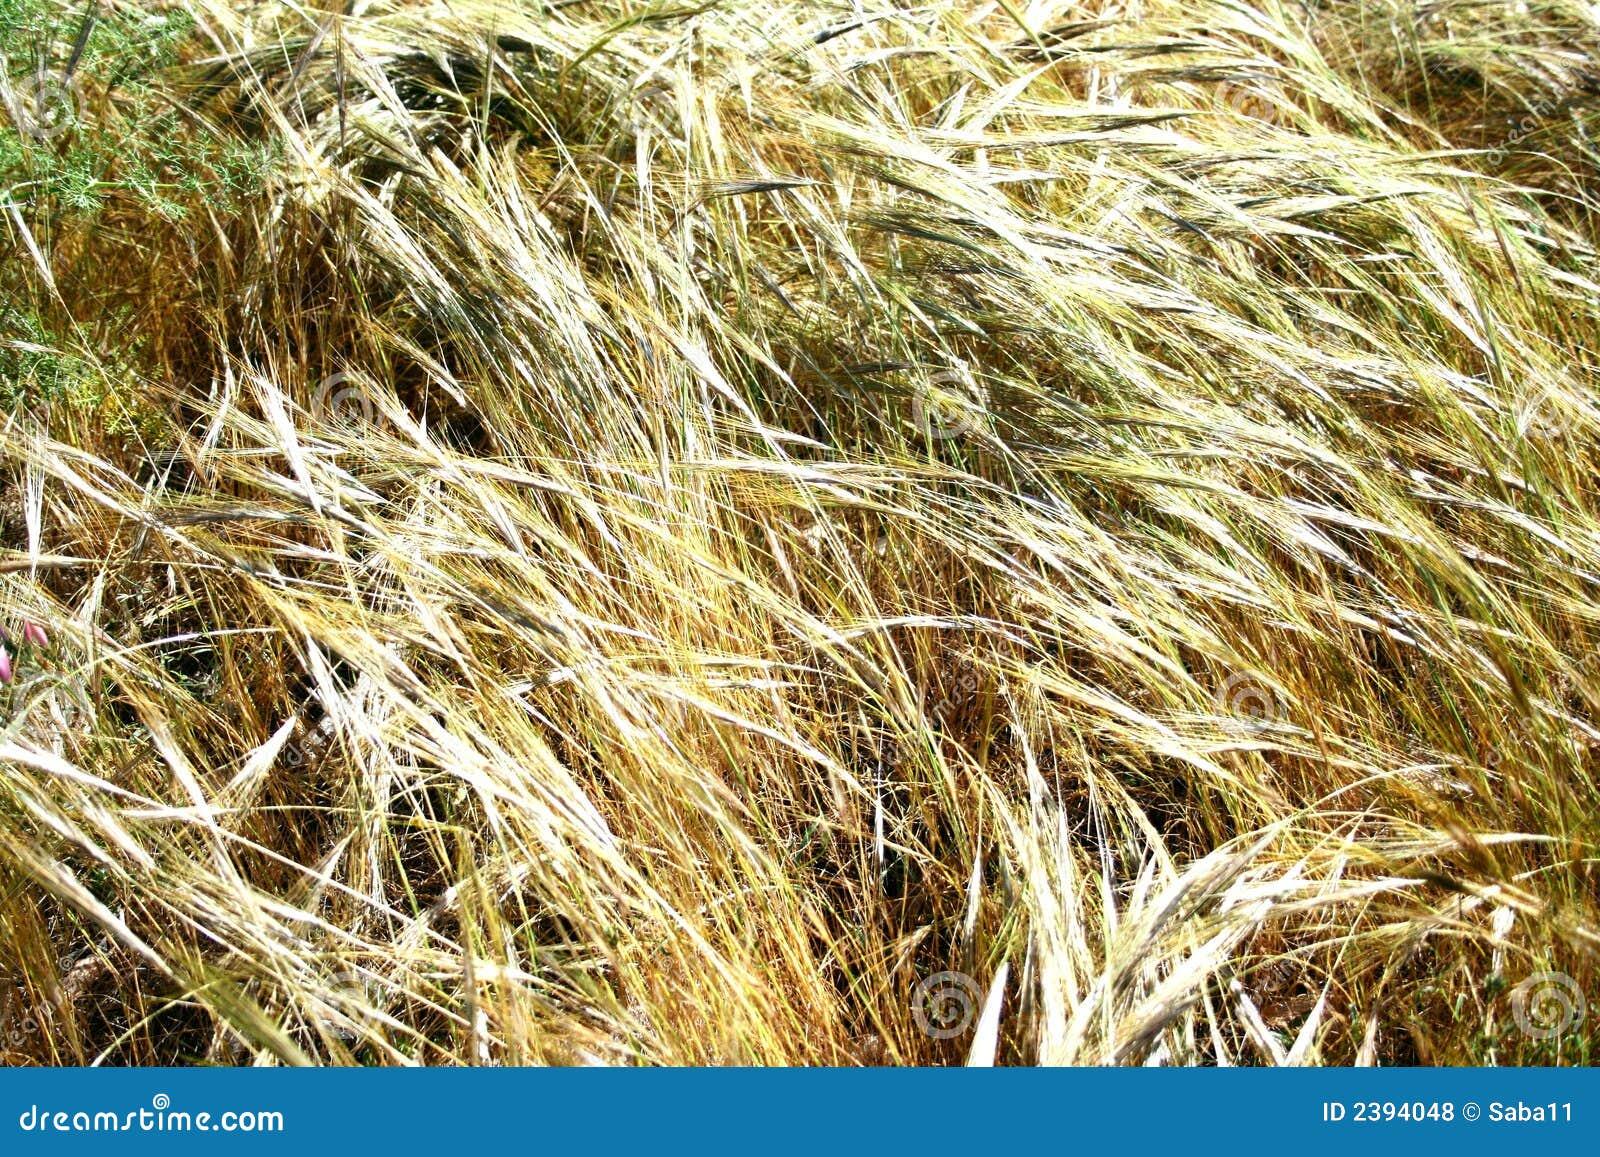 Campos dourados no vento